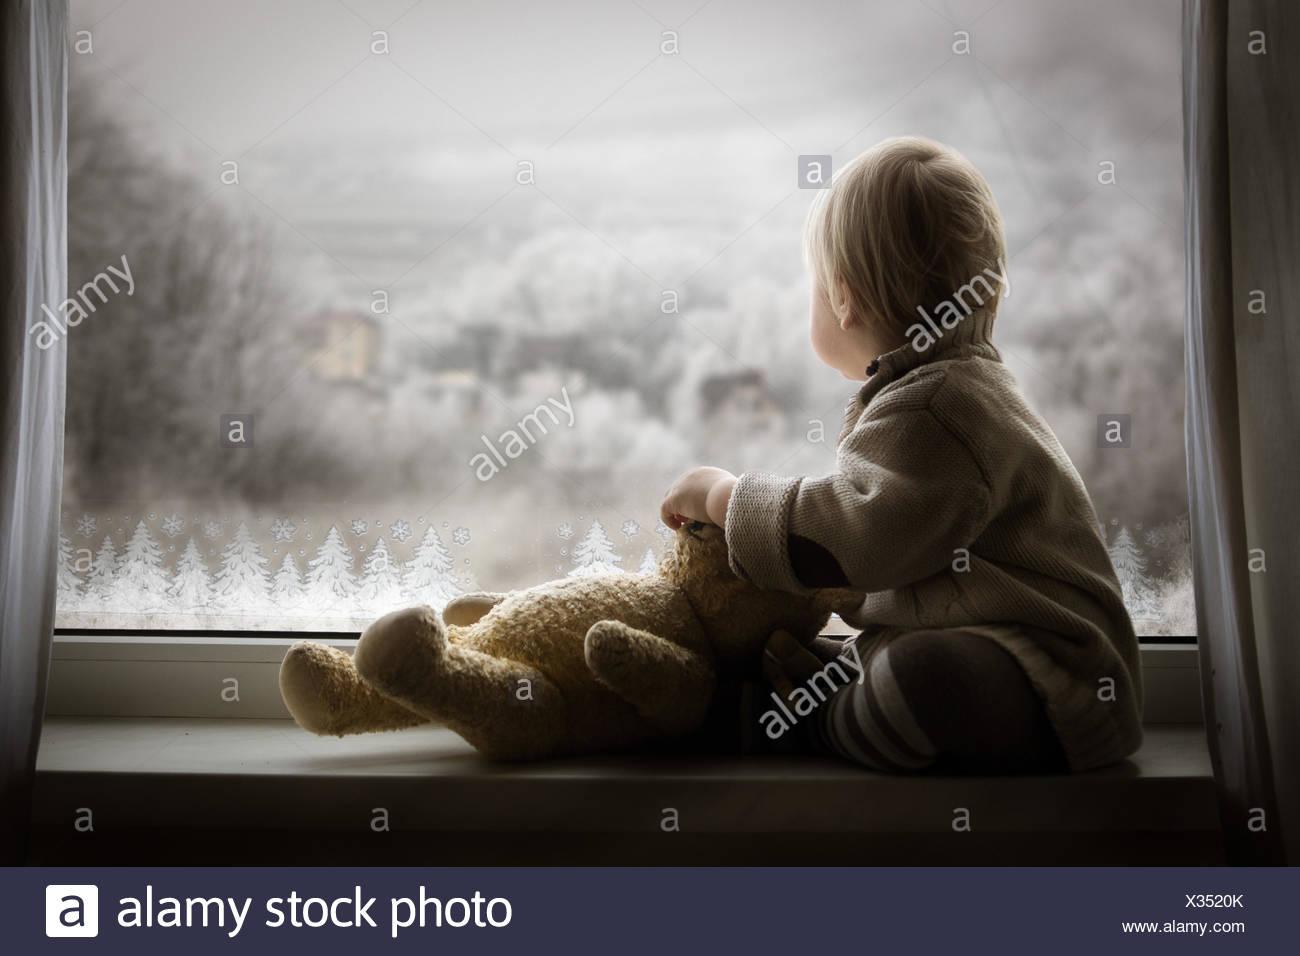 Junge sitzt auf der Fensterbank mit Teddybär und Fenster Stockbild